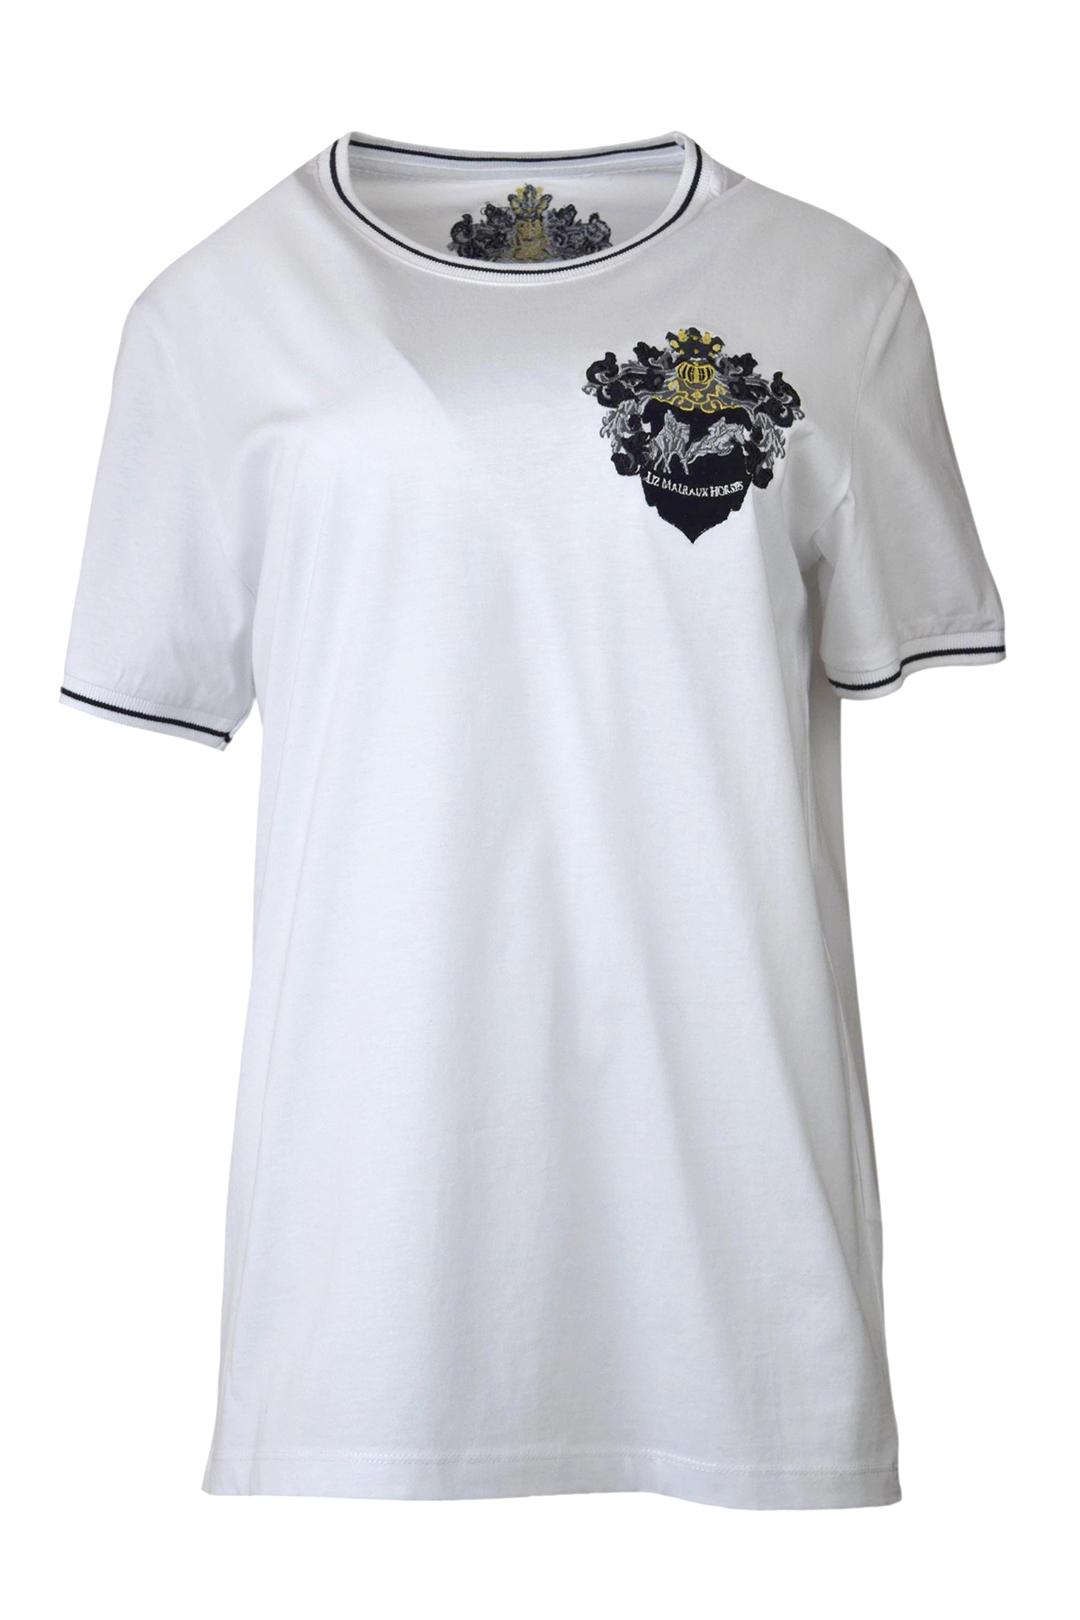 """Shirt mit Kontrasten, """"Liz Malraux Horses-embroidery"""", Baumwolle, Kurzarm"""